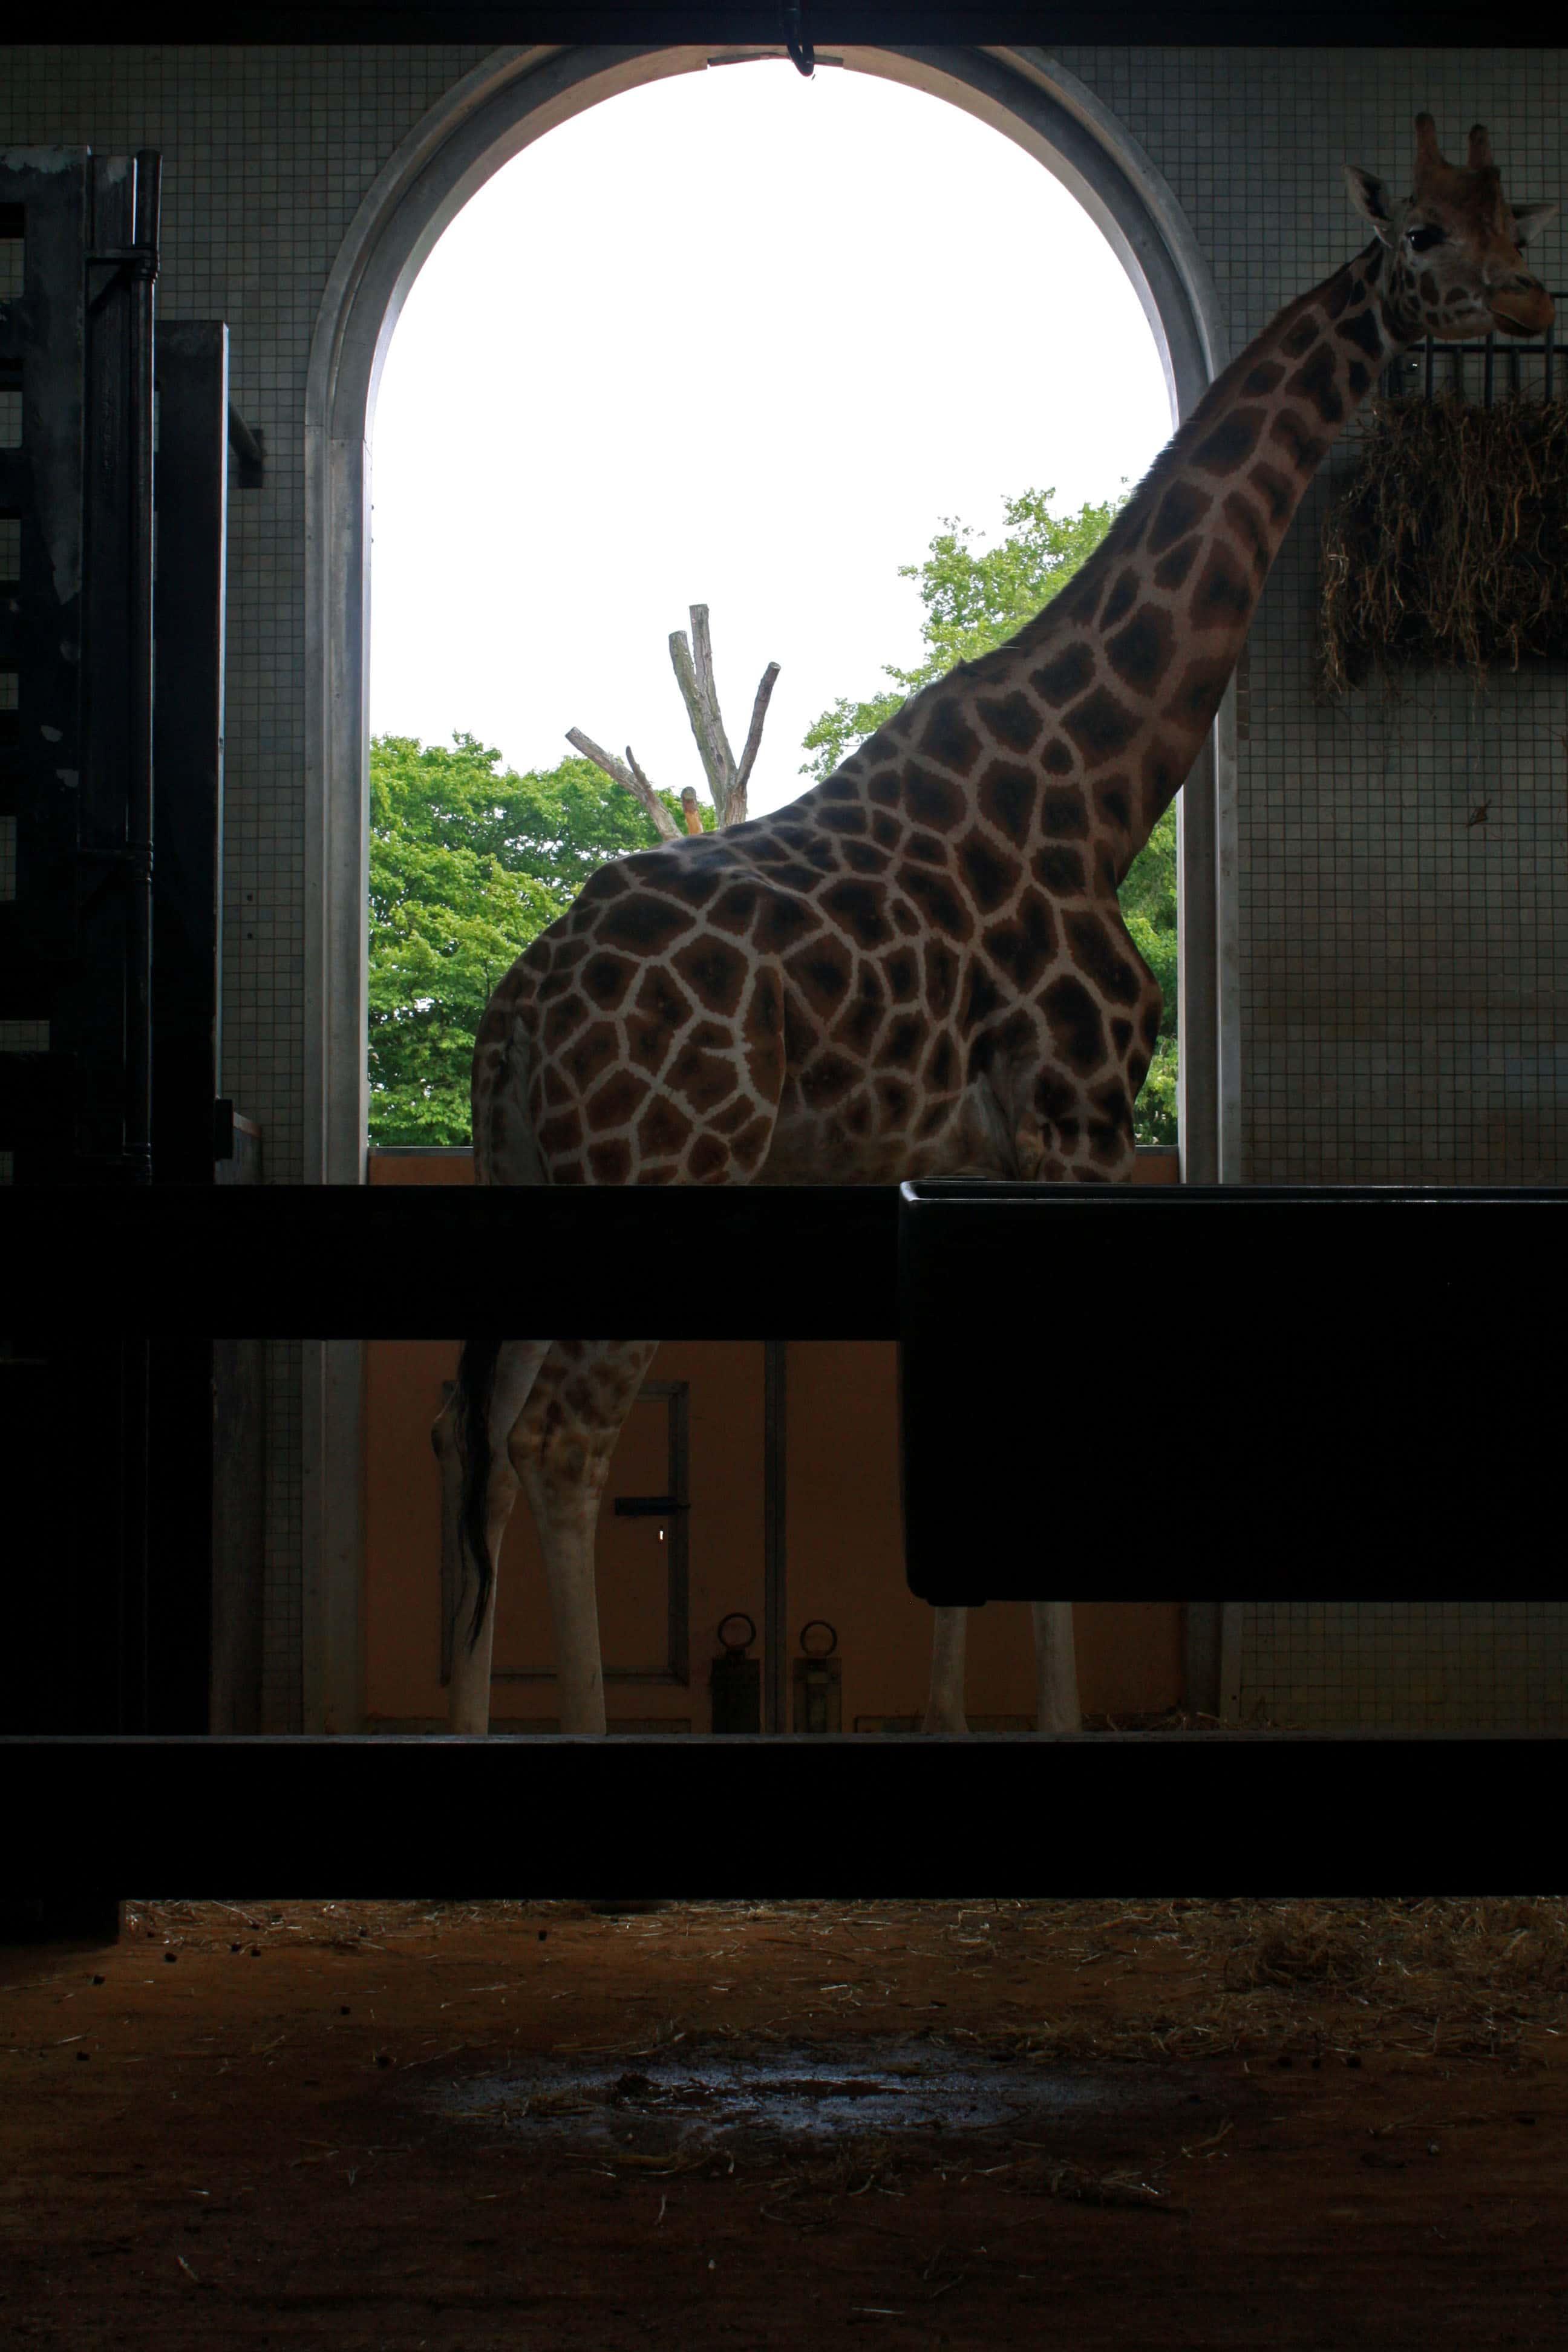 Giraffe in the giraffe house at London Zoo